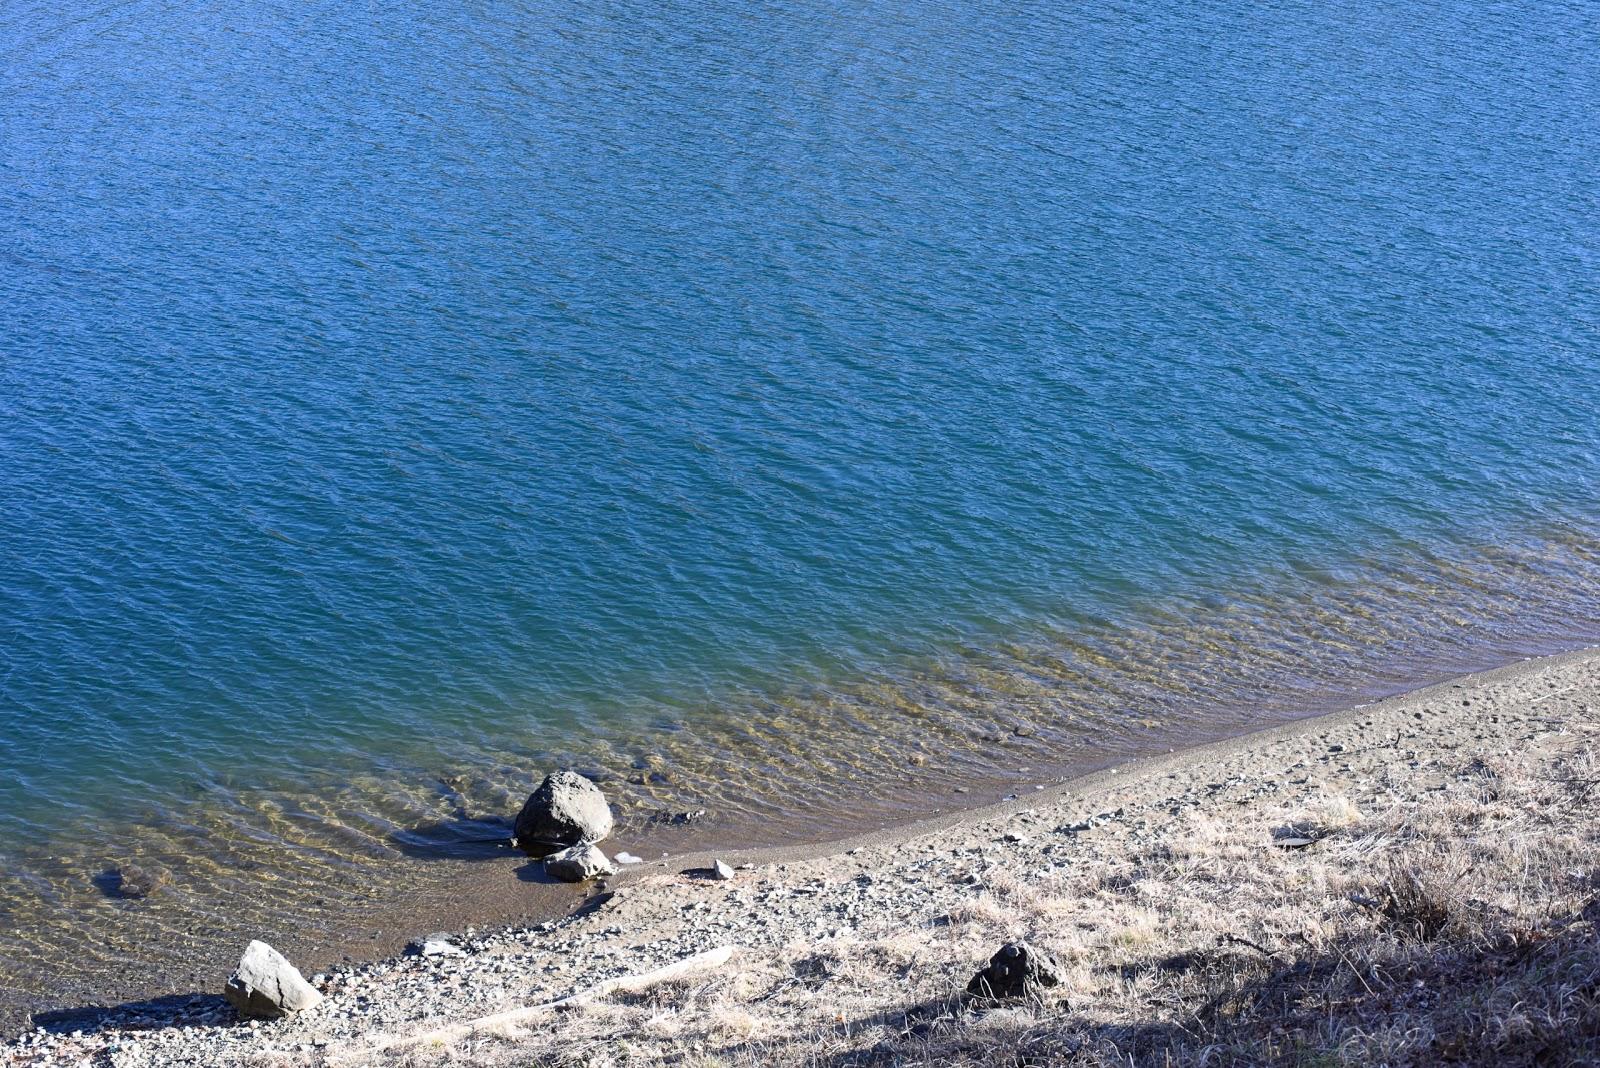 西湖 West lake